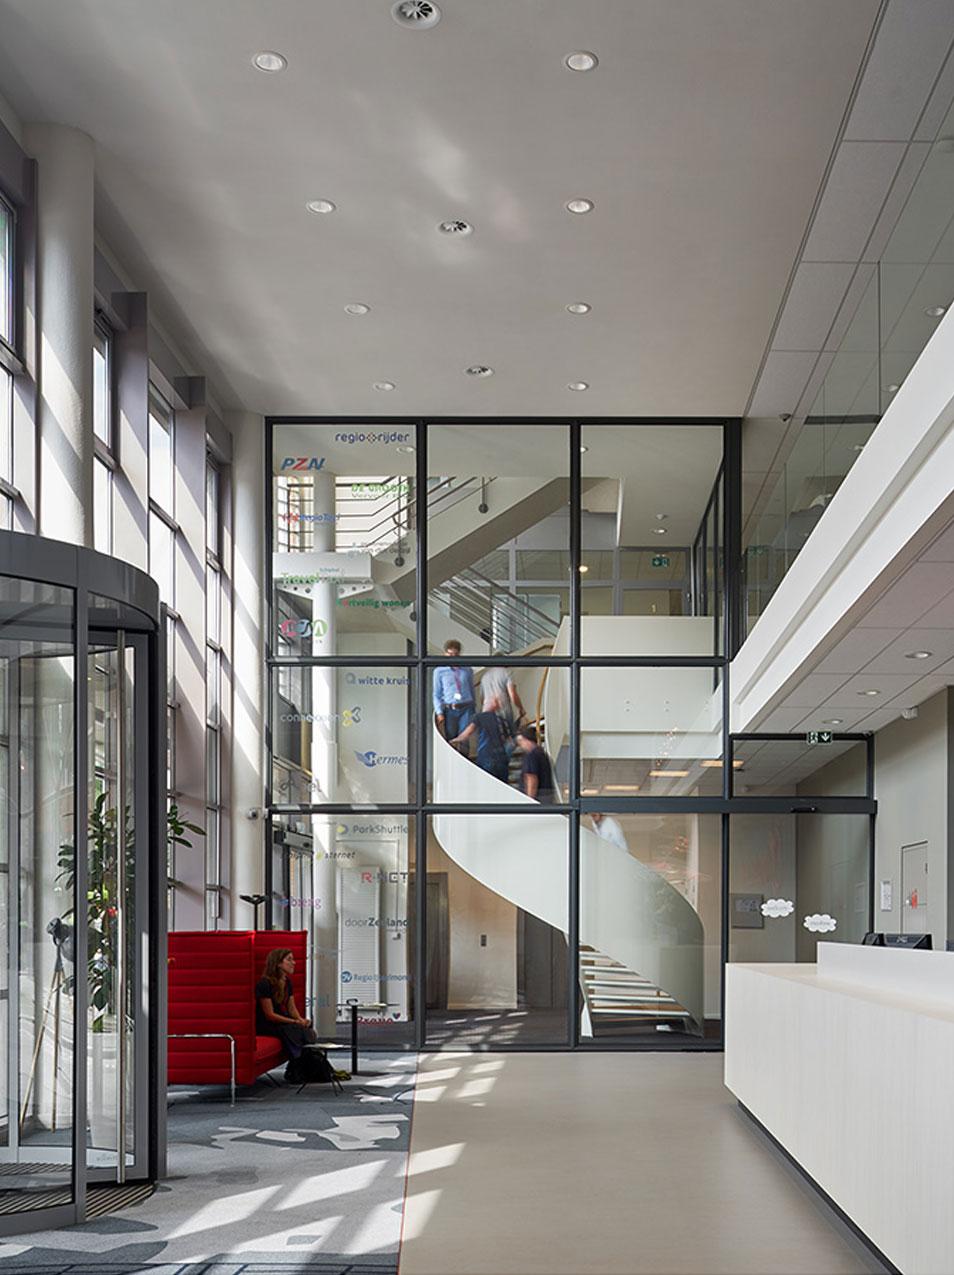 BFAS_stationsgebouw_hilversum_architectuur_kantoor_trap_1.jpg